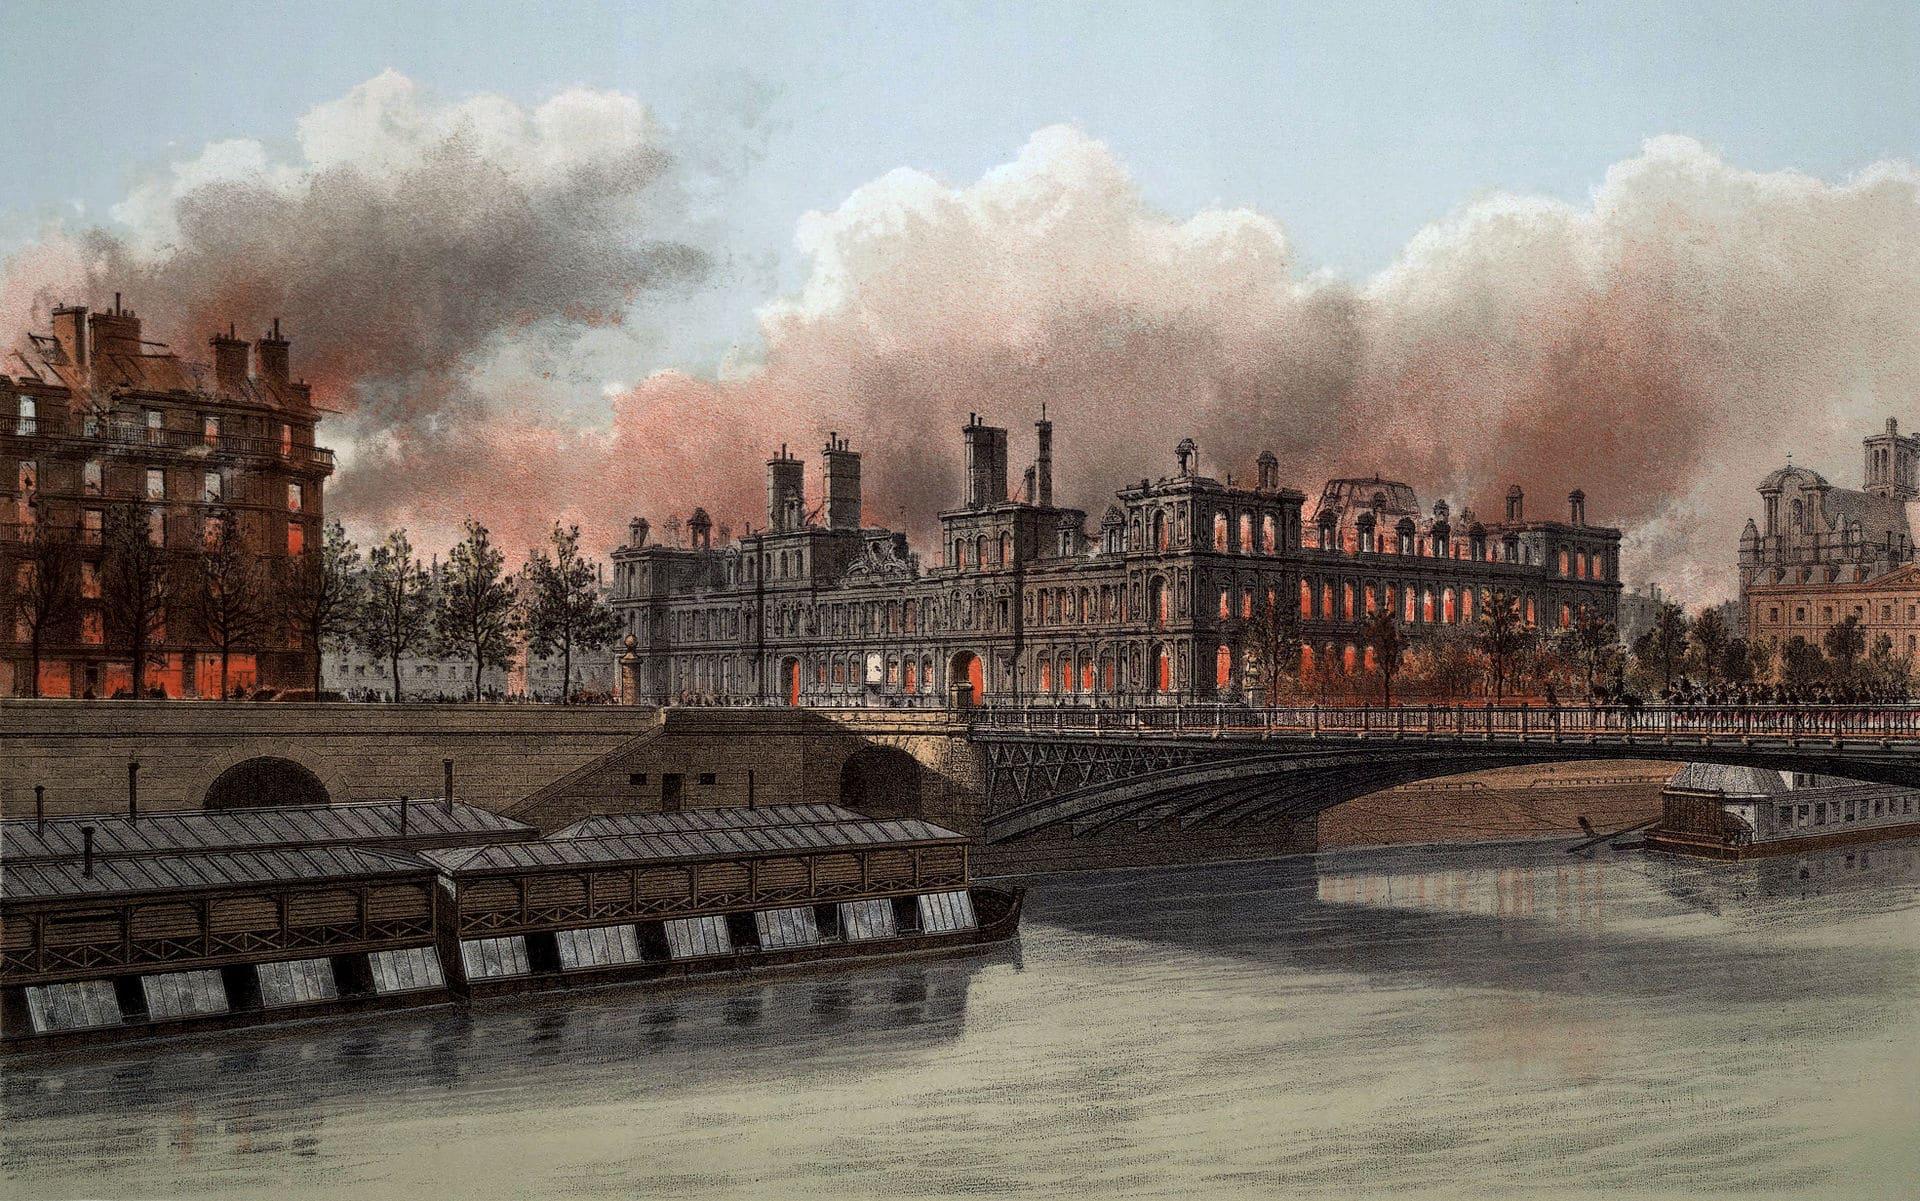 L'incendie de l'Hôtel de ville de Paris par les communards